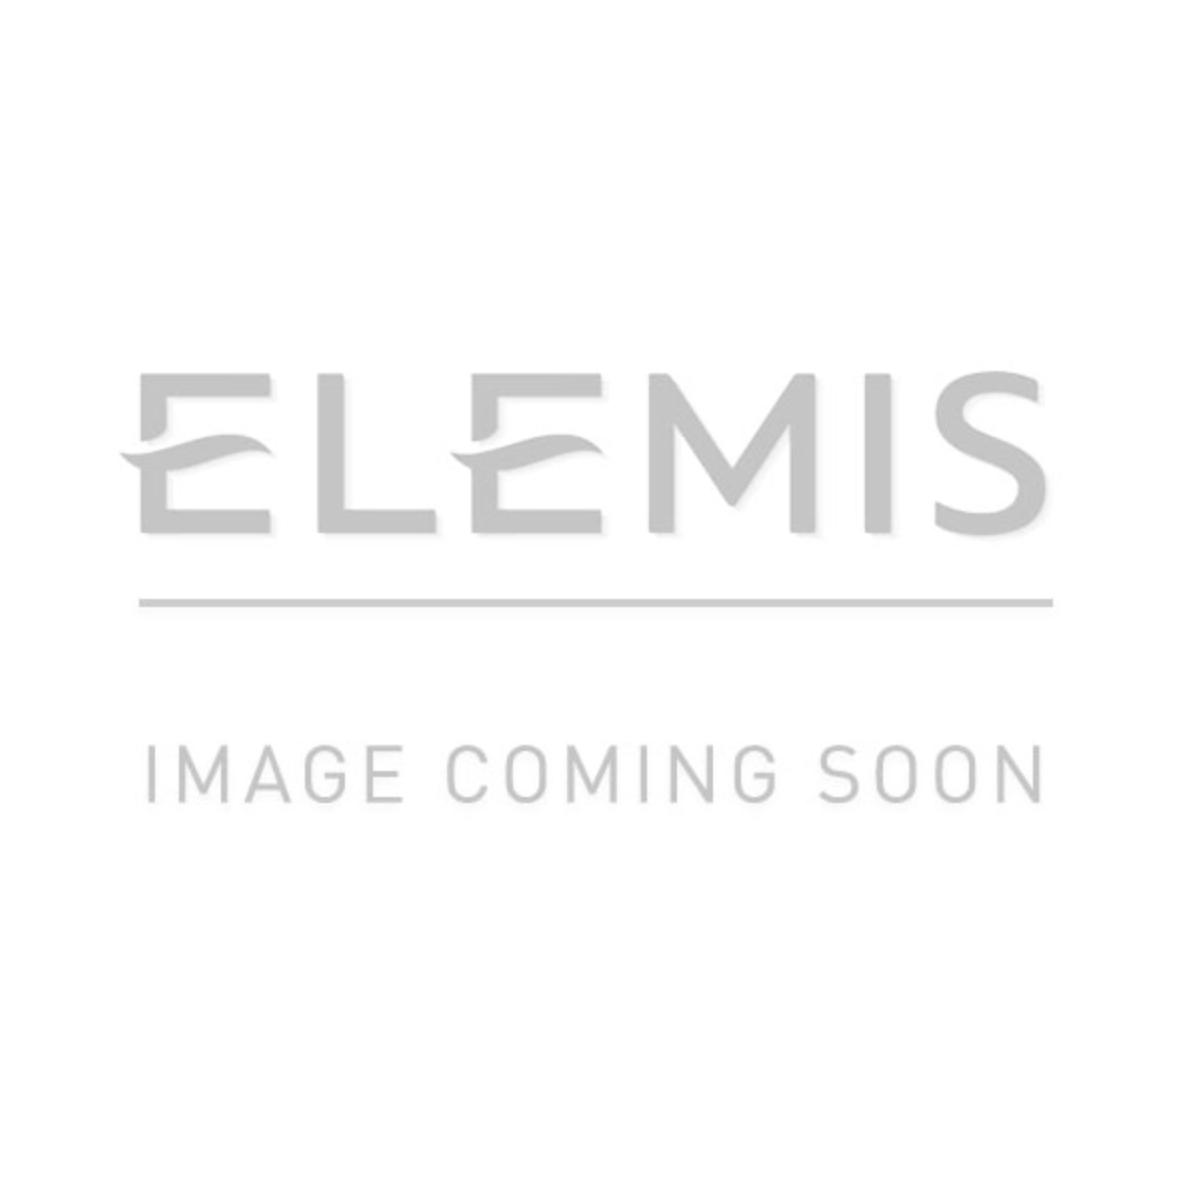 ELEMIS   No  British Anti Ageing Skincare    Instant Glow Duo